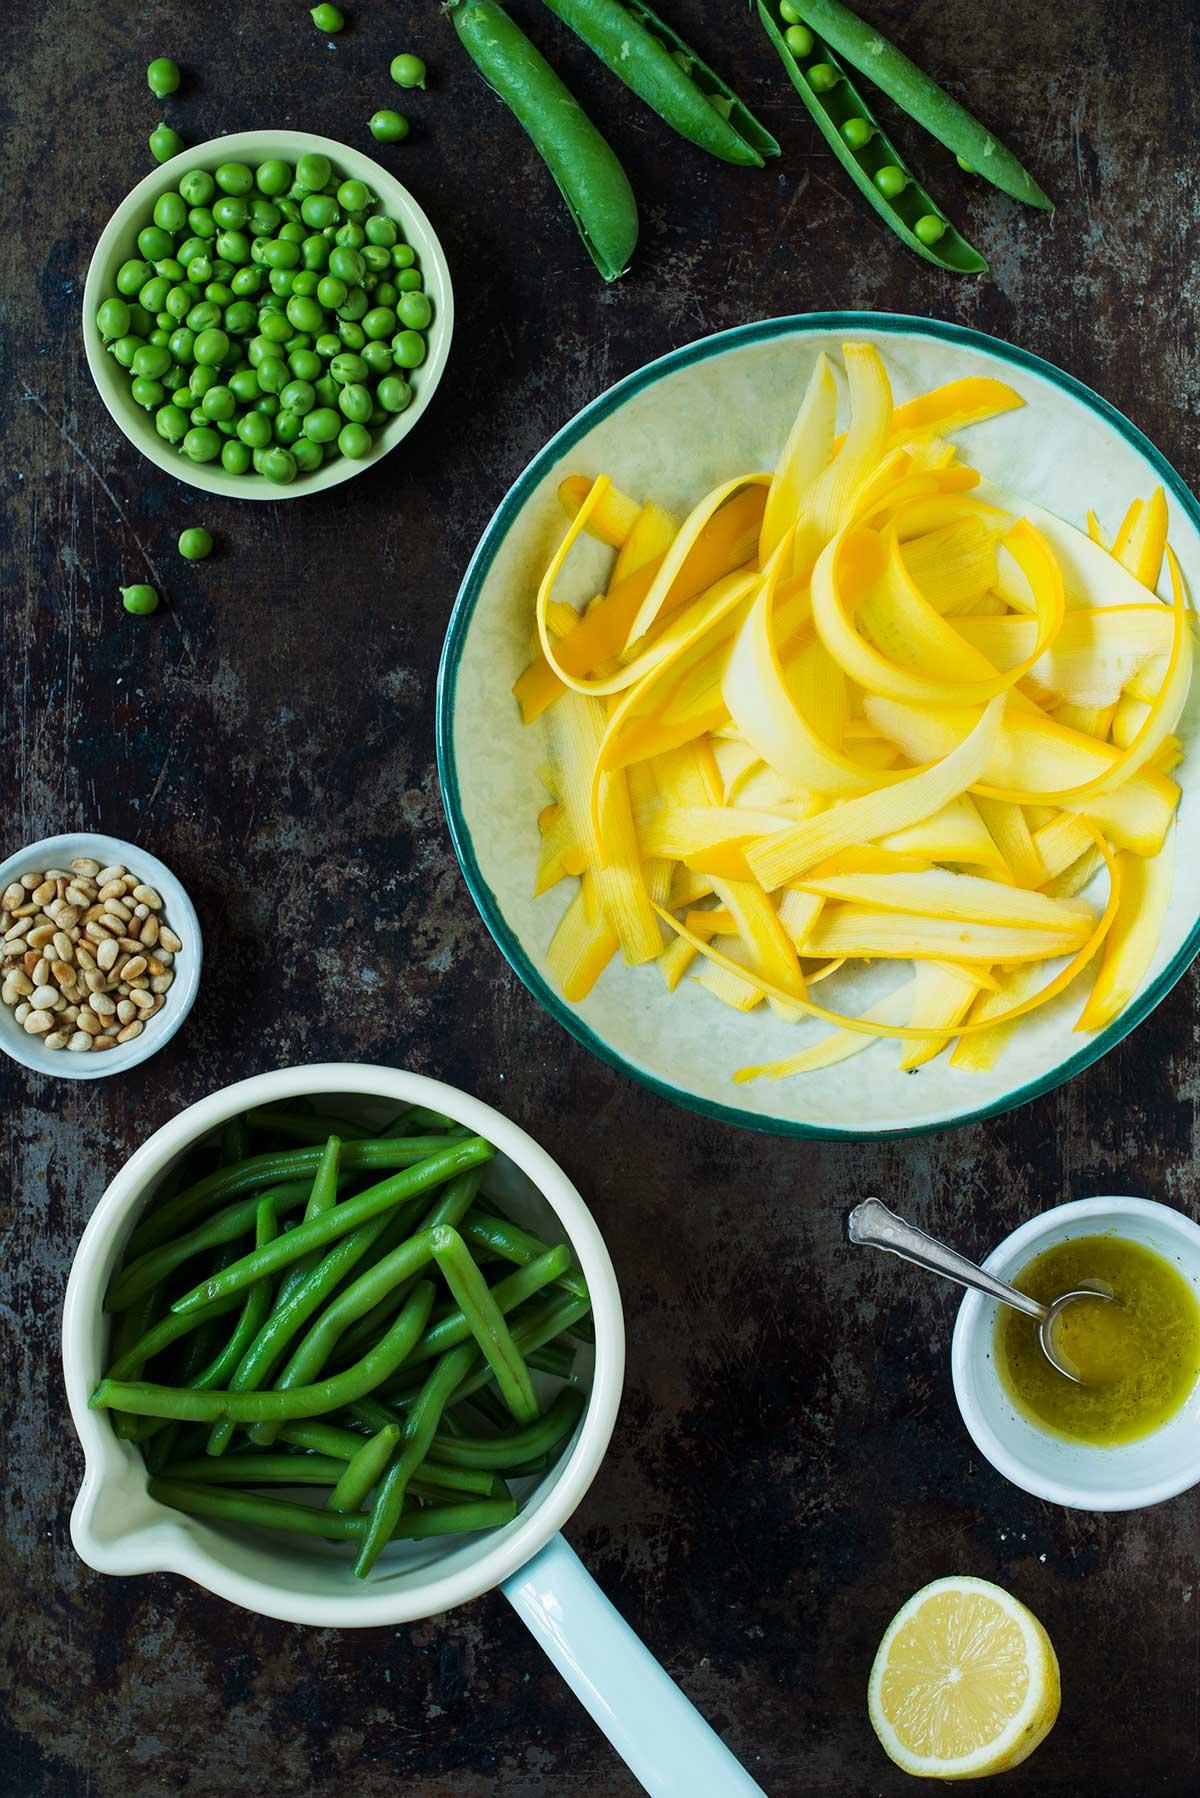 Recept: Sallad med bönor och squash | Frk. Kräsen